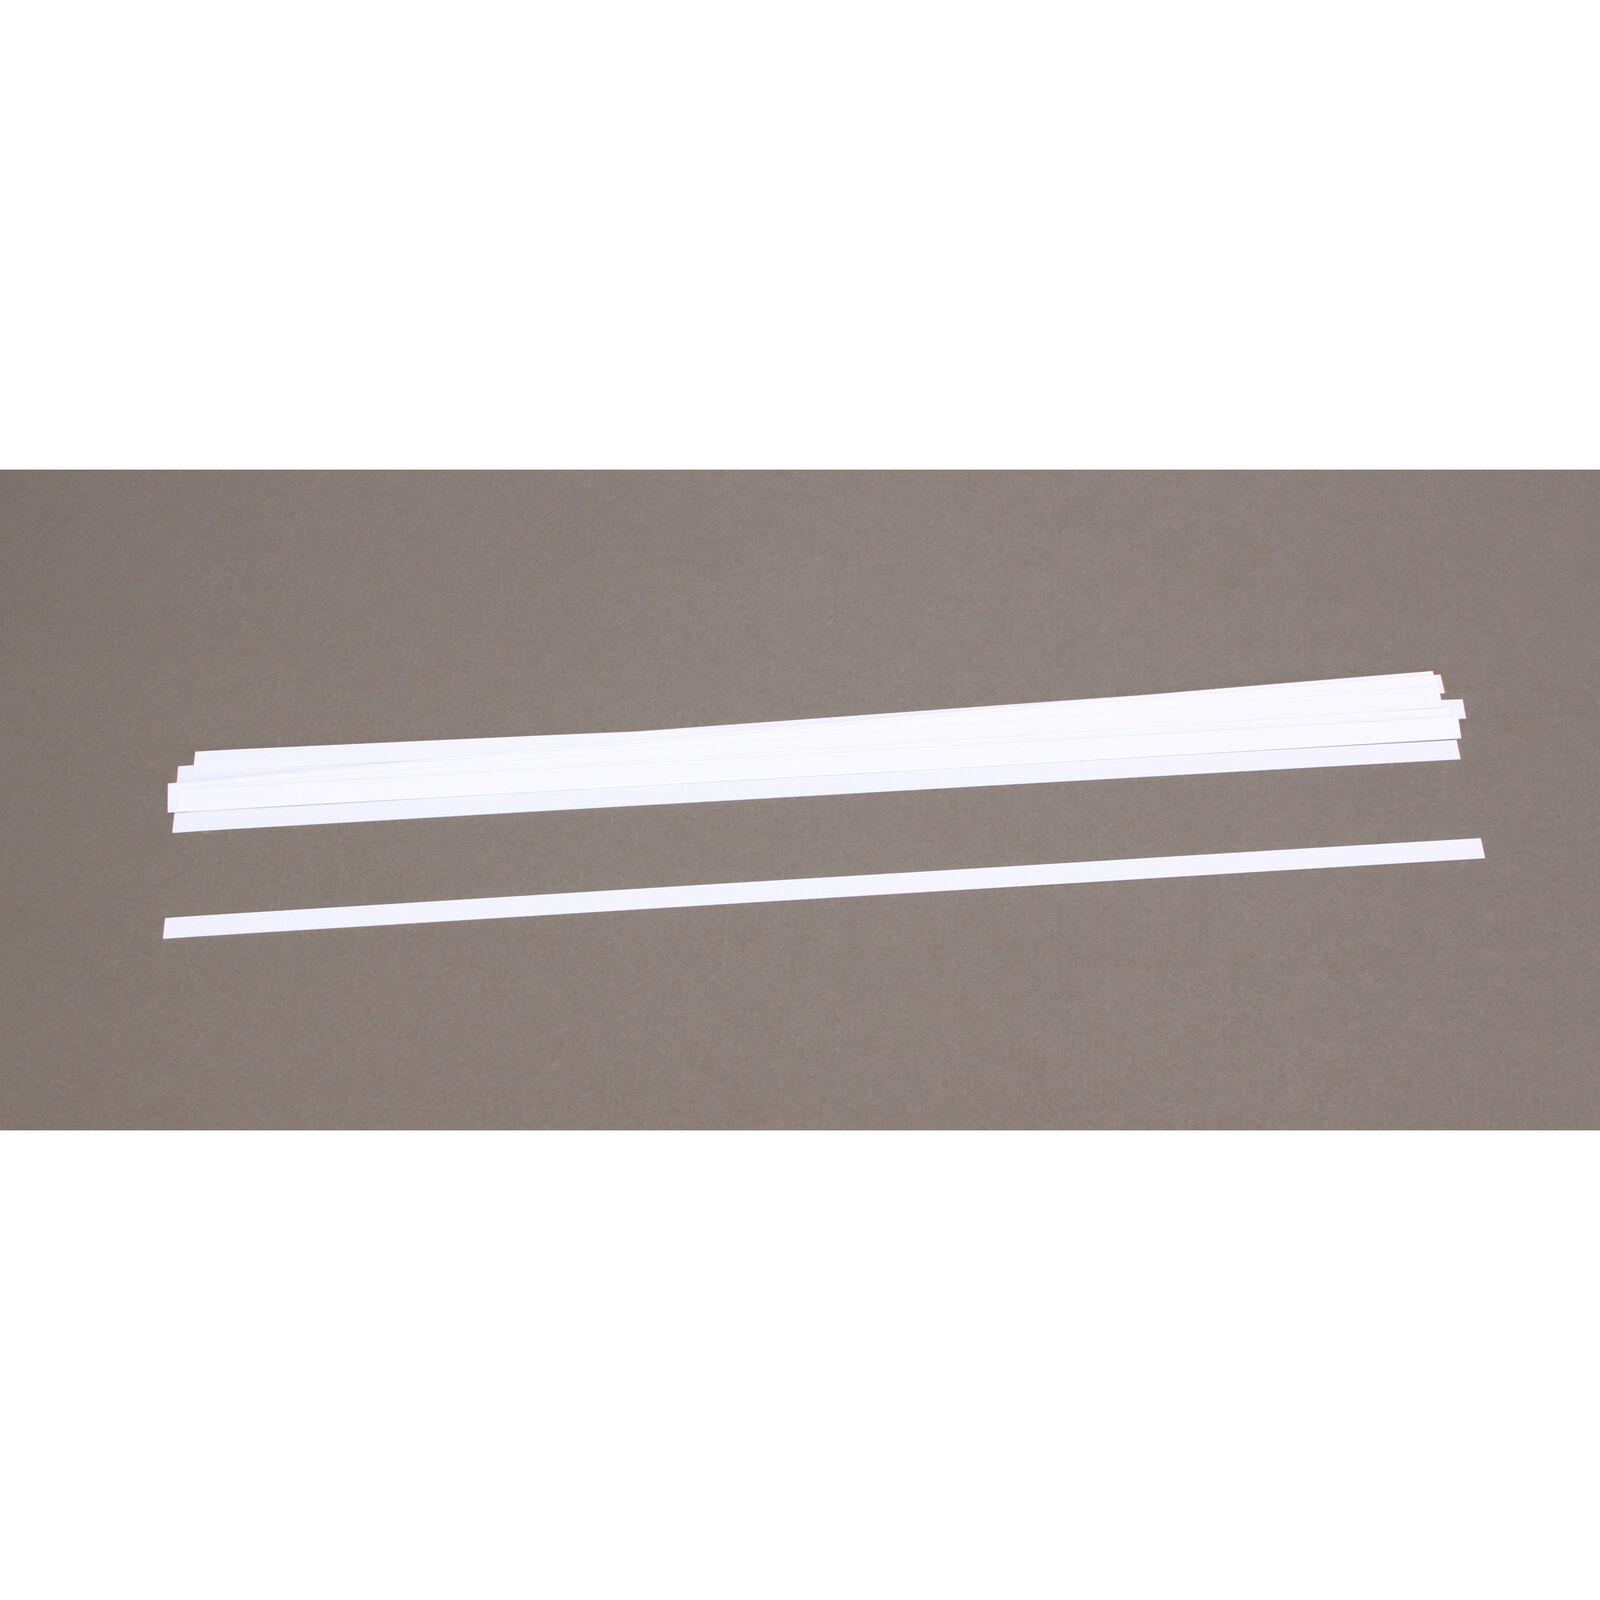 Strip .015 x .250 (10)